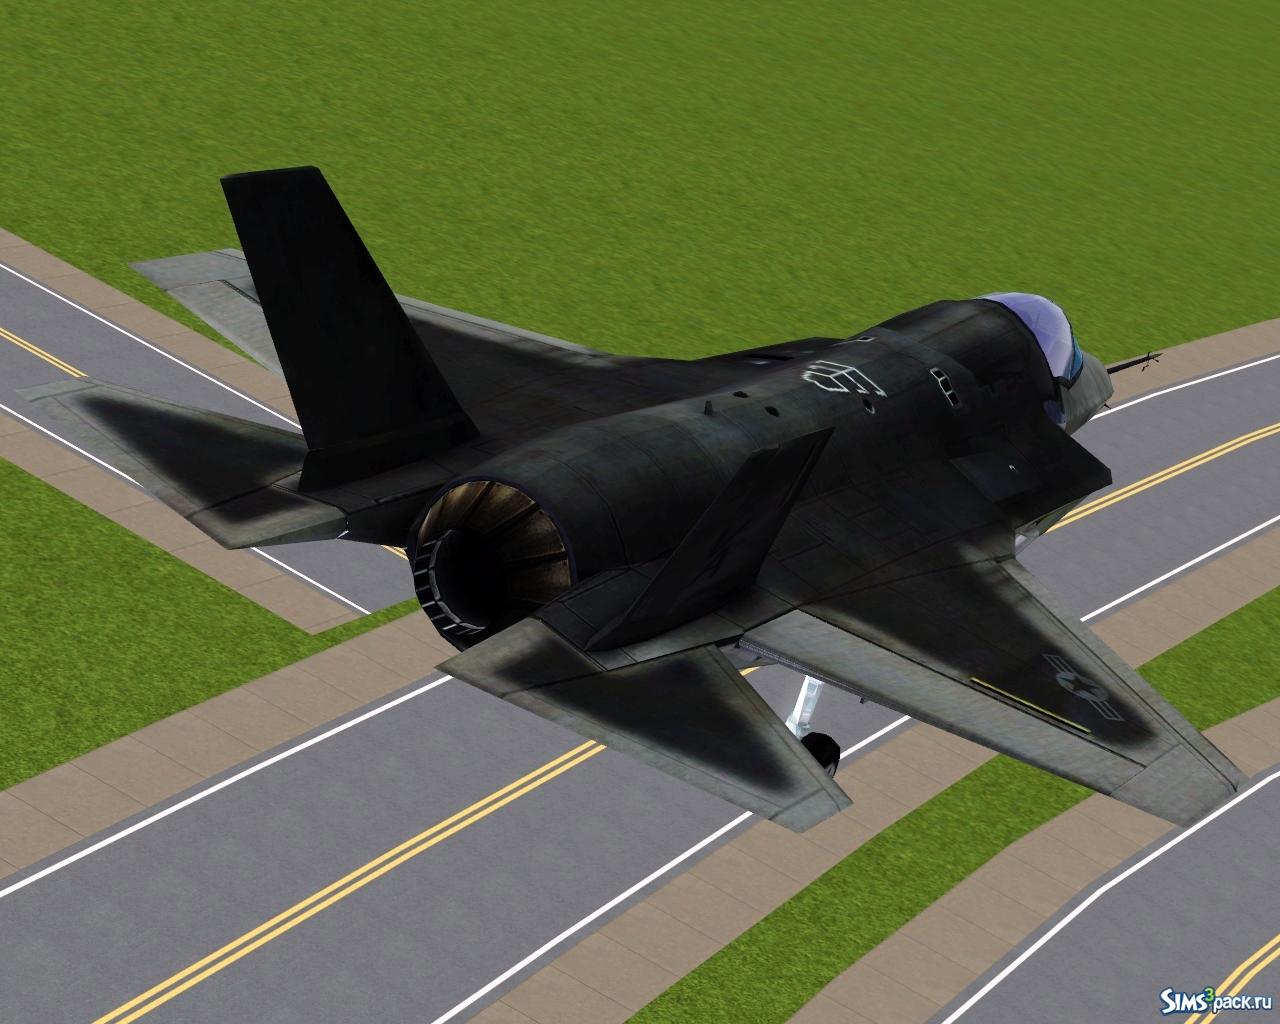 Обои F-35, lightning ii, истребитель, бомбардировщик, суша. Авиация foto 16